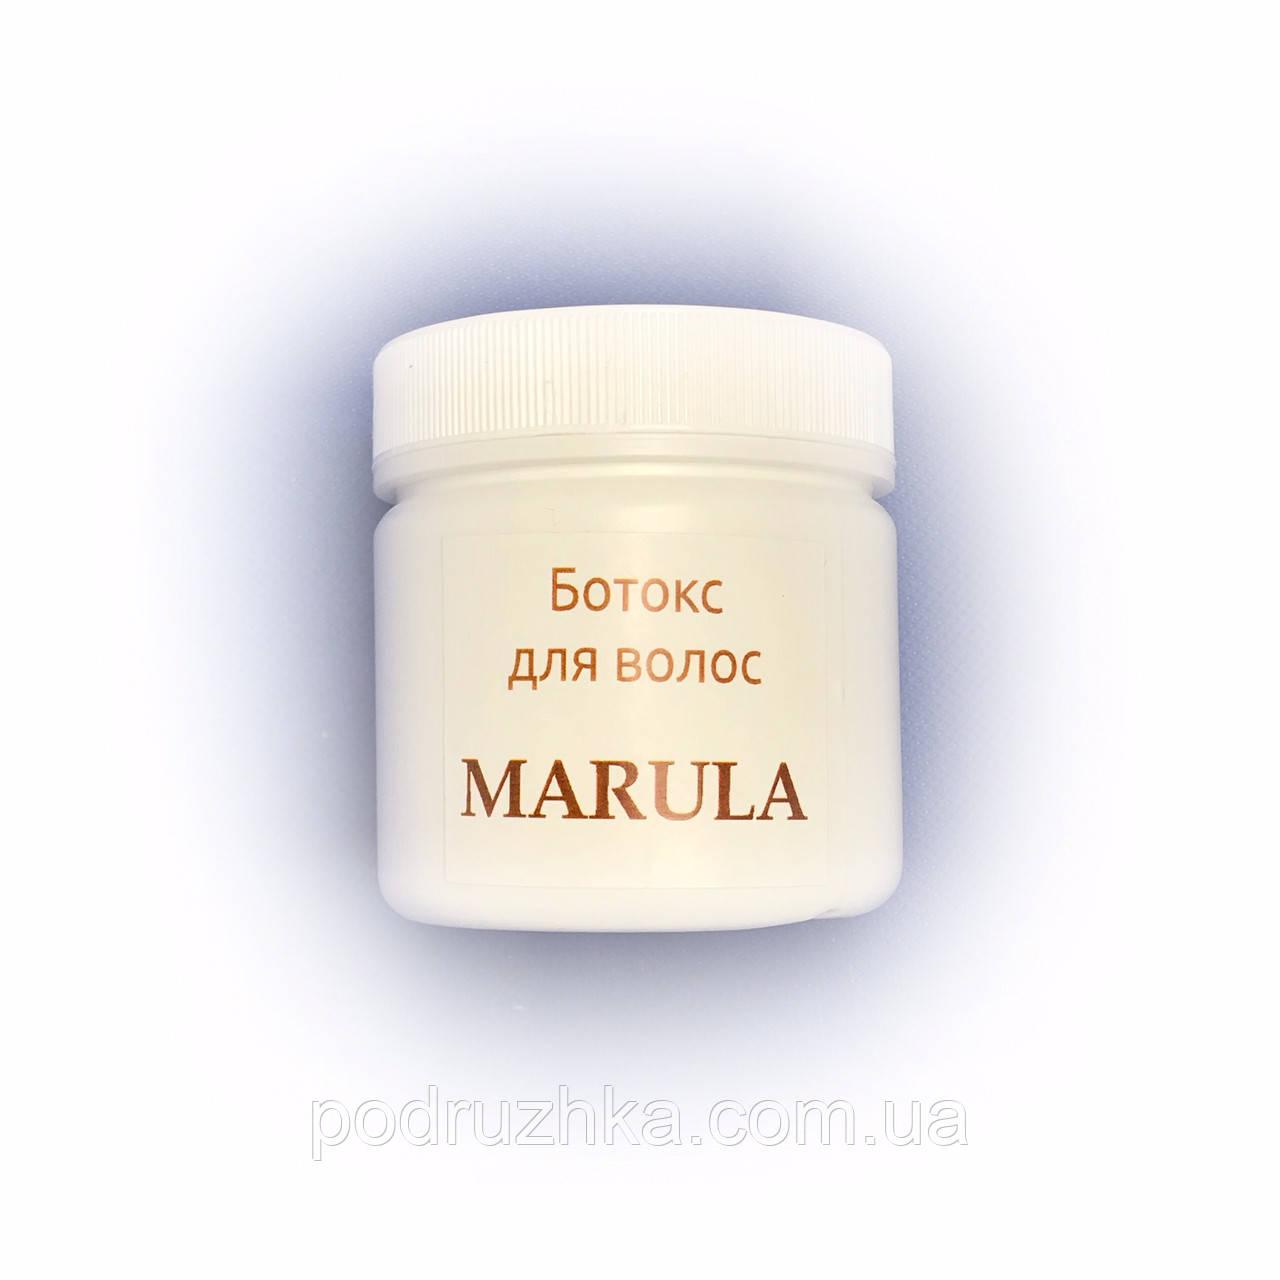 Ботокс для волос Marula 1000 г